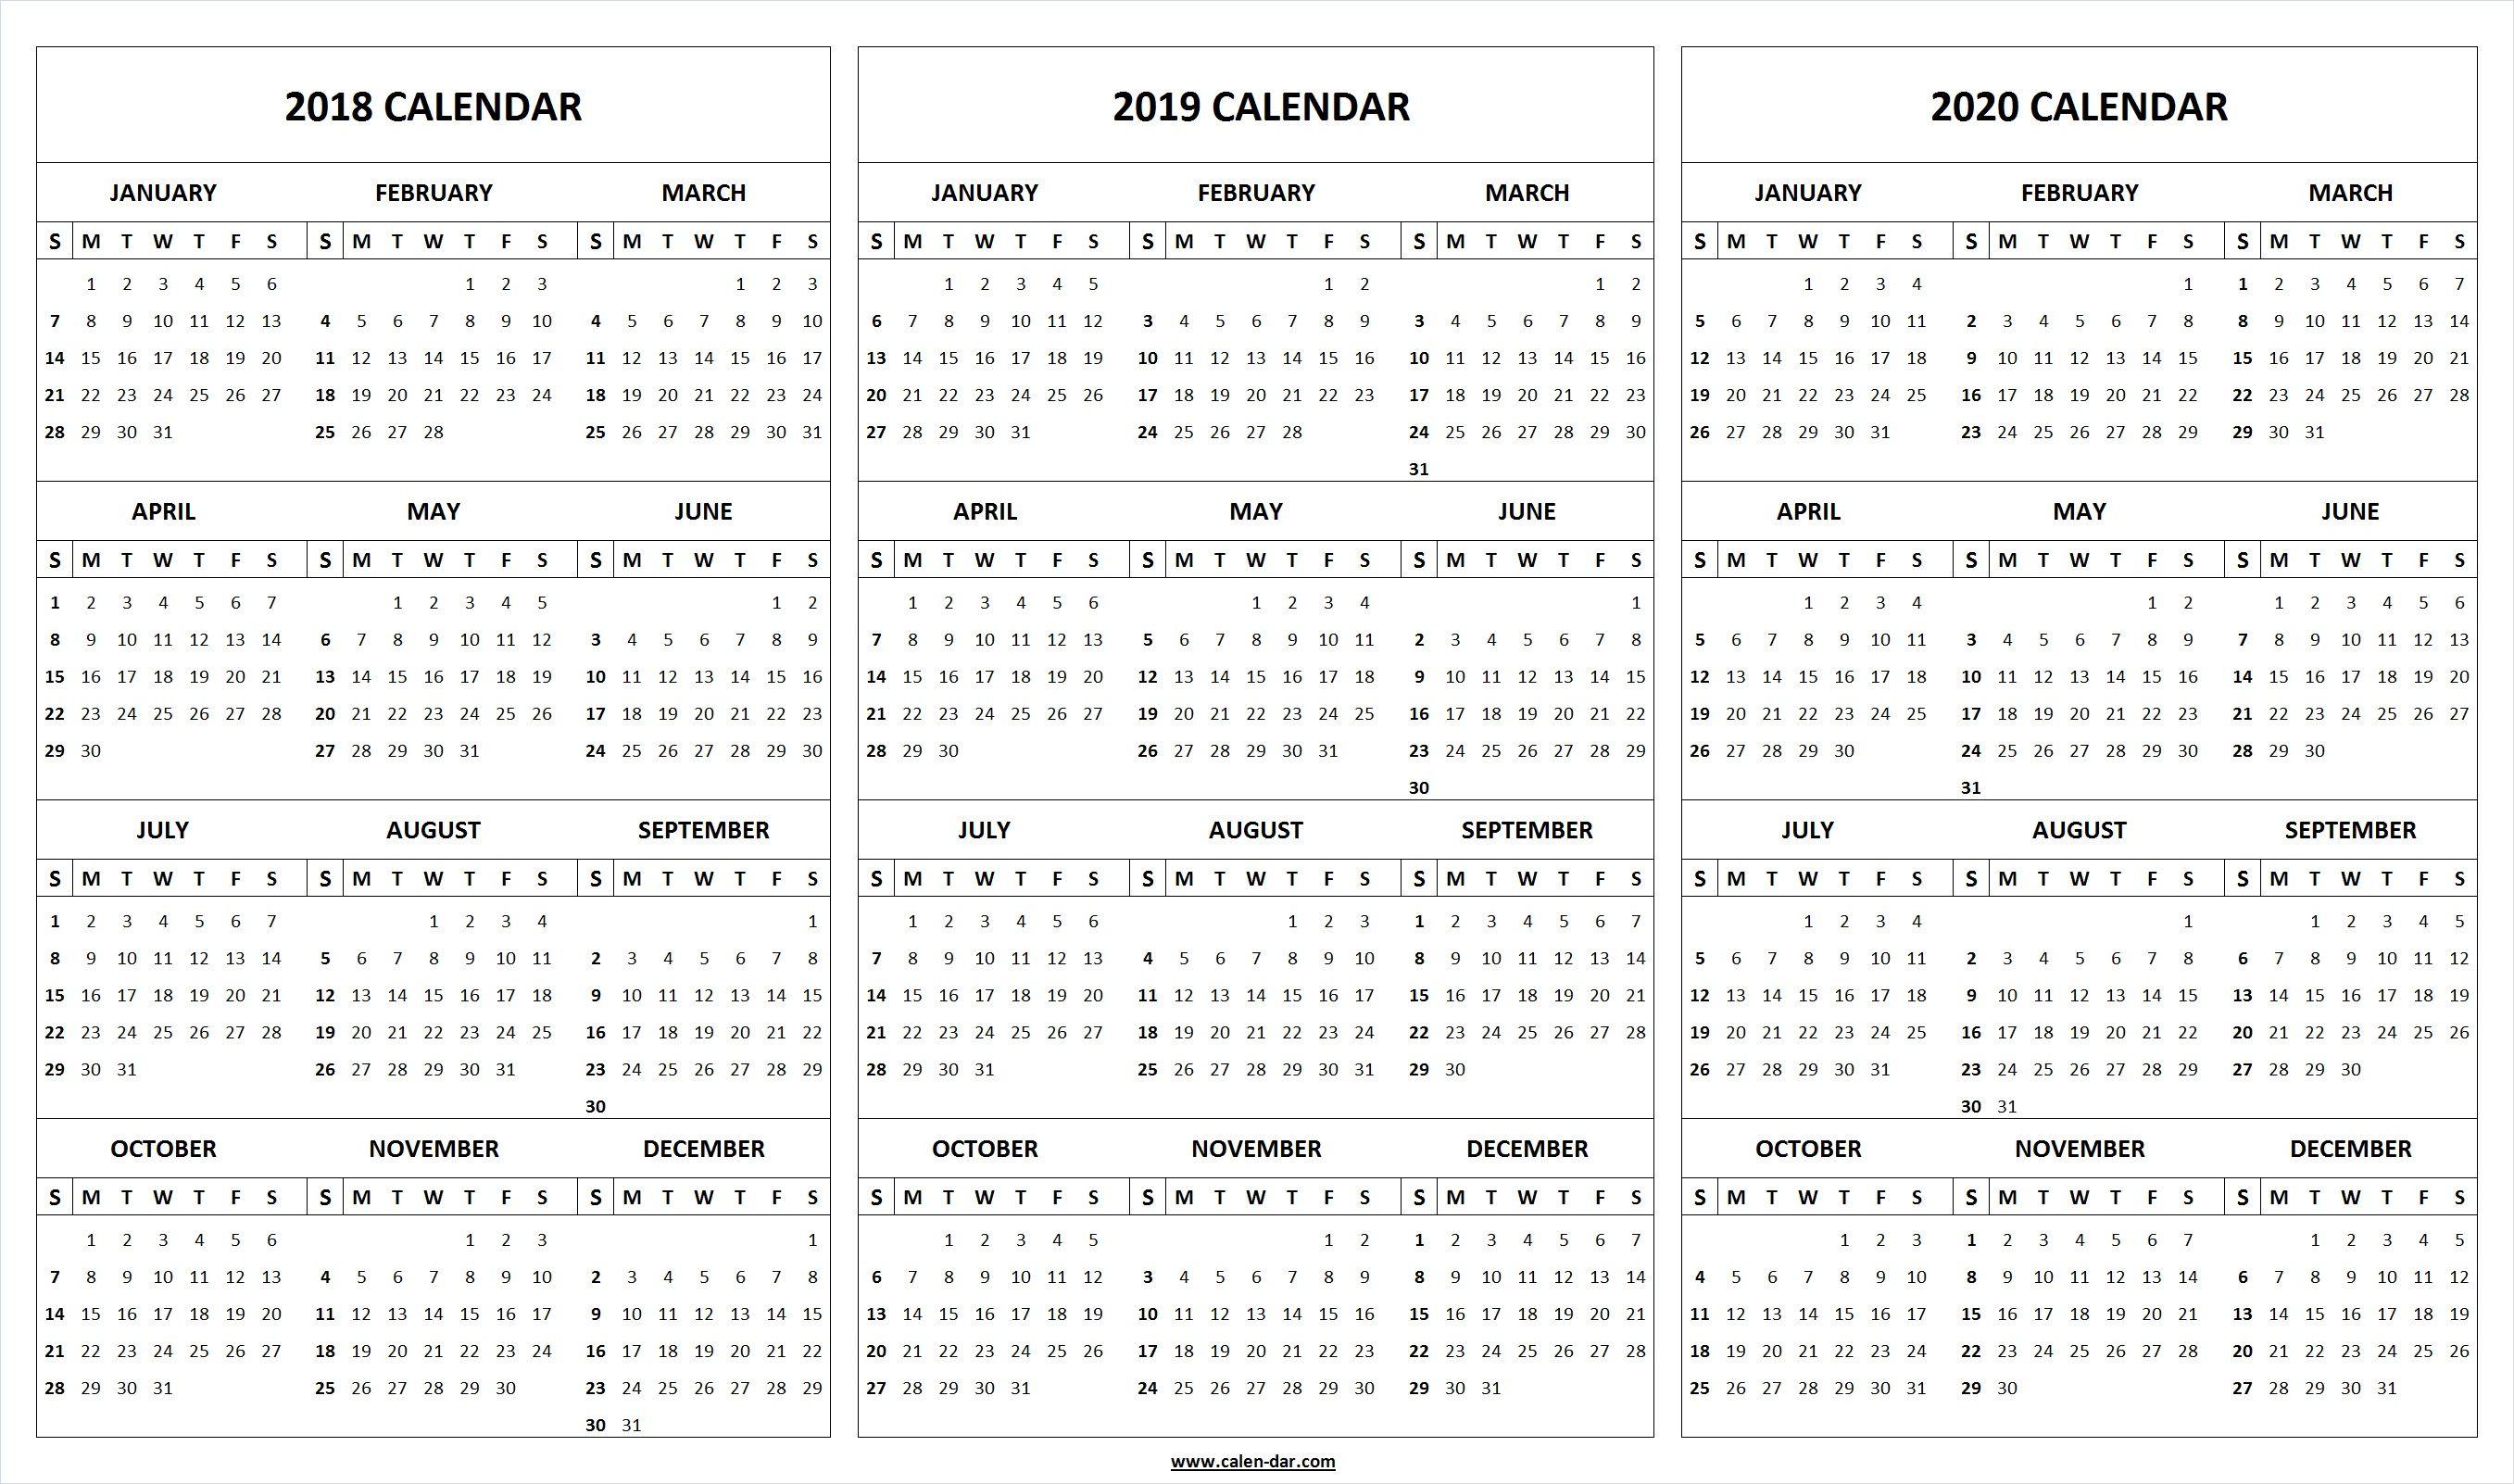 Print Blank 2018 2019 2020 Calendar Template | 2019 Calendar within Template Calendario Escolar 2020